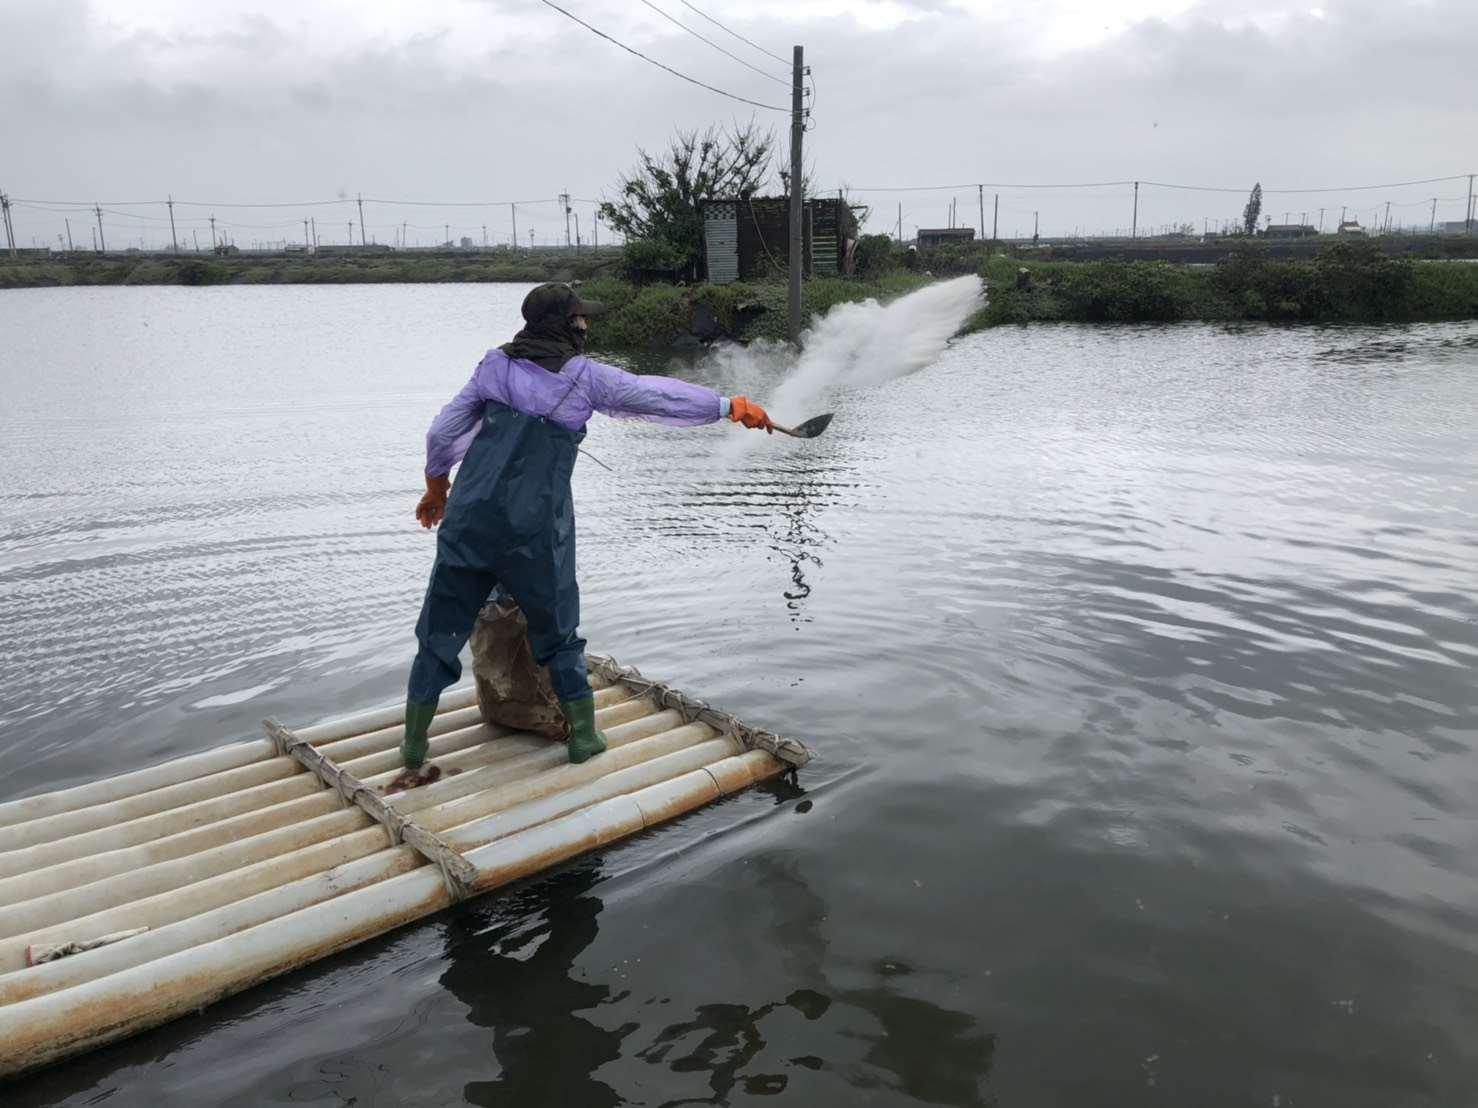 豪雨過後加強養殖管理工作 漁農不擔憂